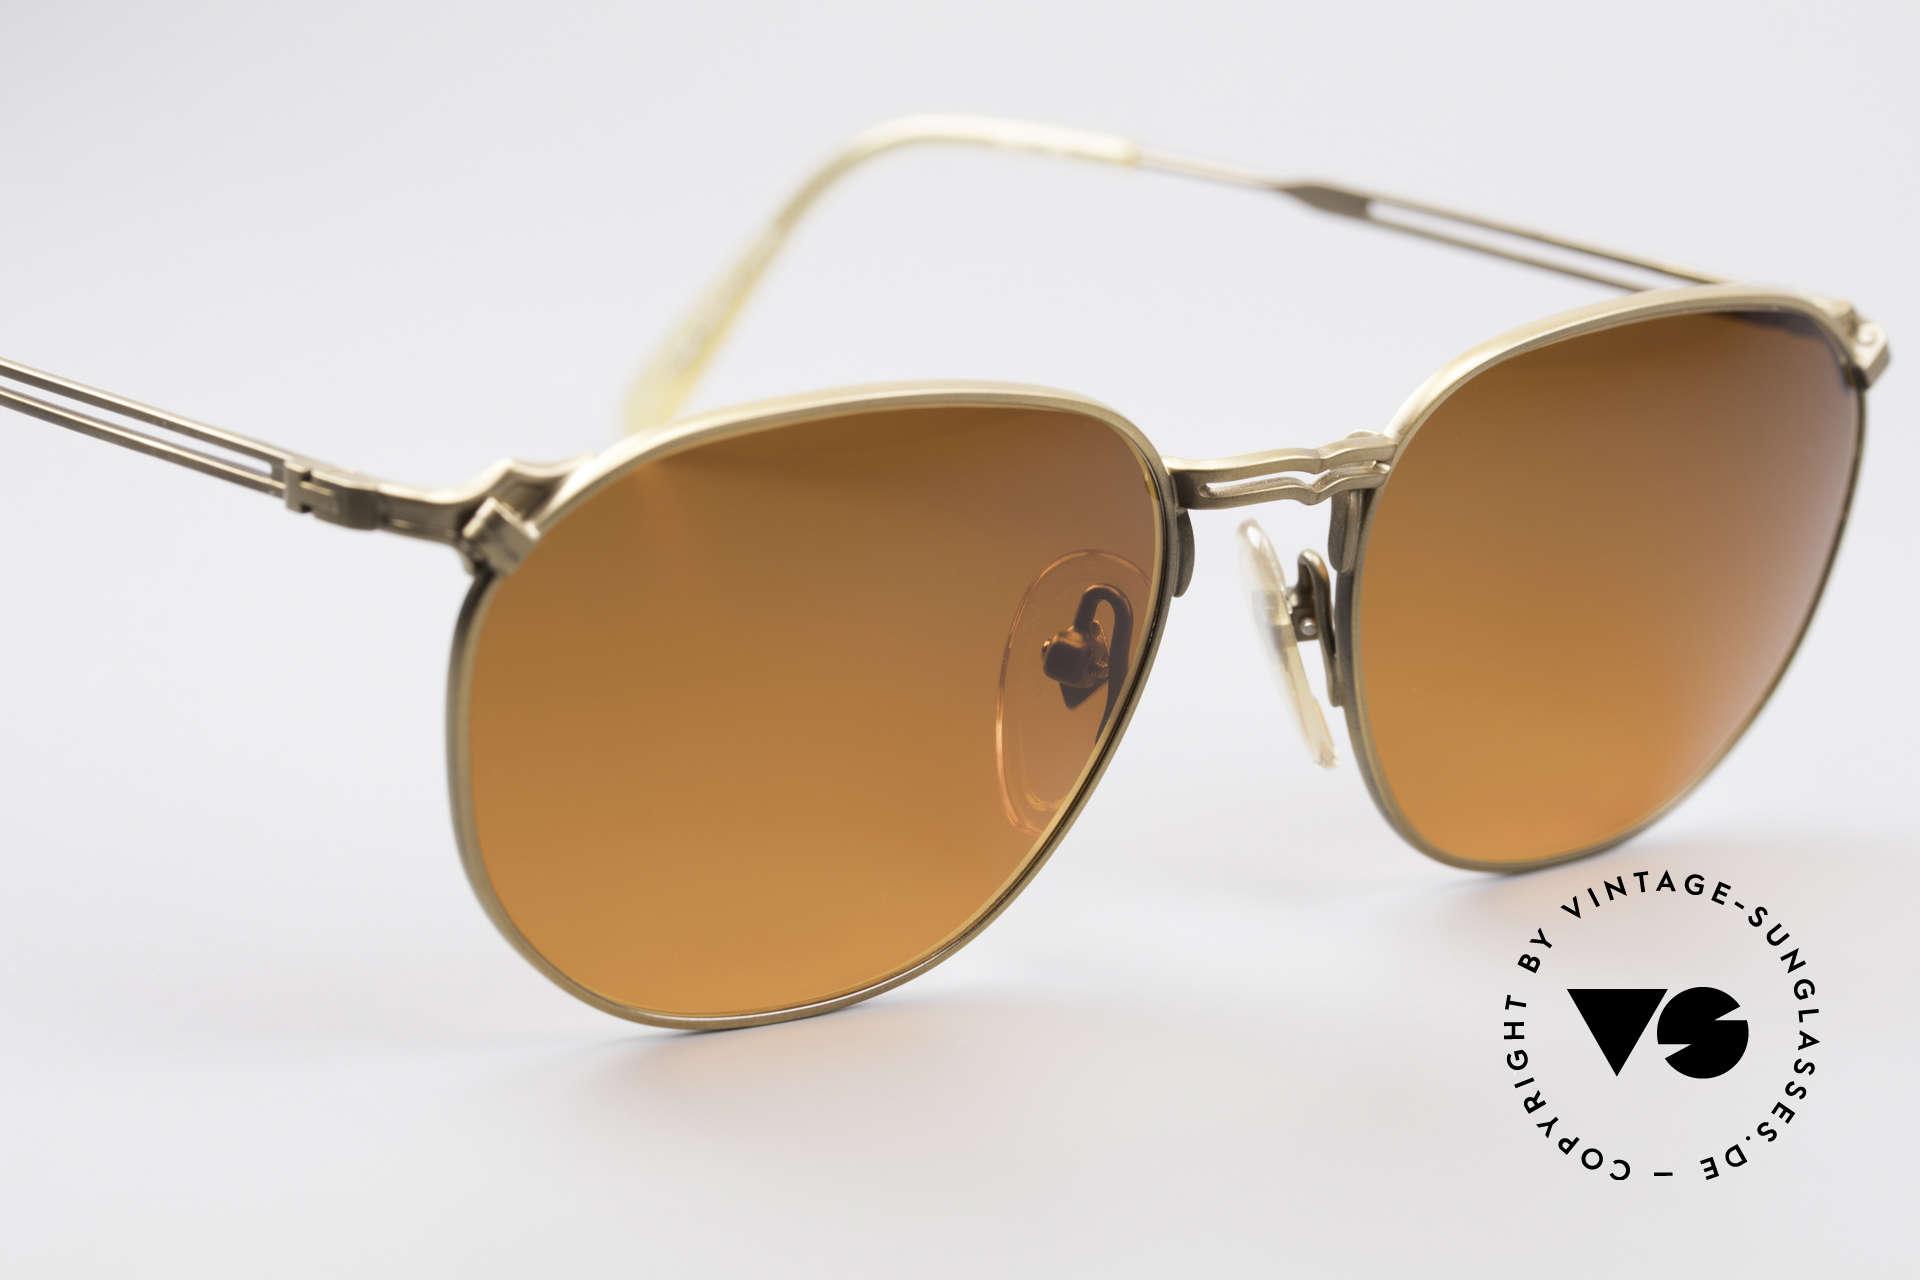 Jean Paul Gaultier 55-2173 90er Designer Sonnenbrille, ungetragen (wie alle unsere vintage GAULTIER Brillen), Passend für Herren und Damen